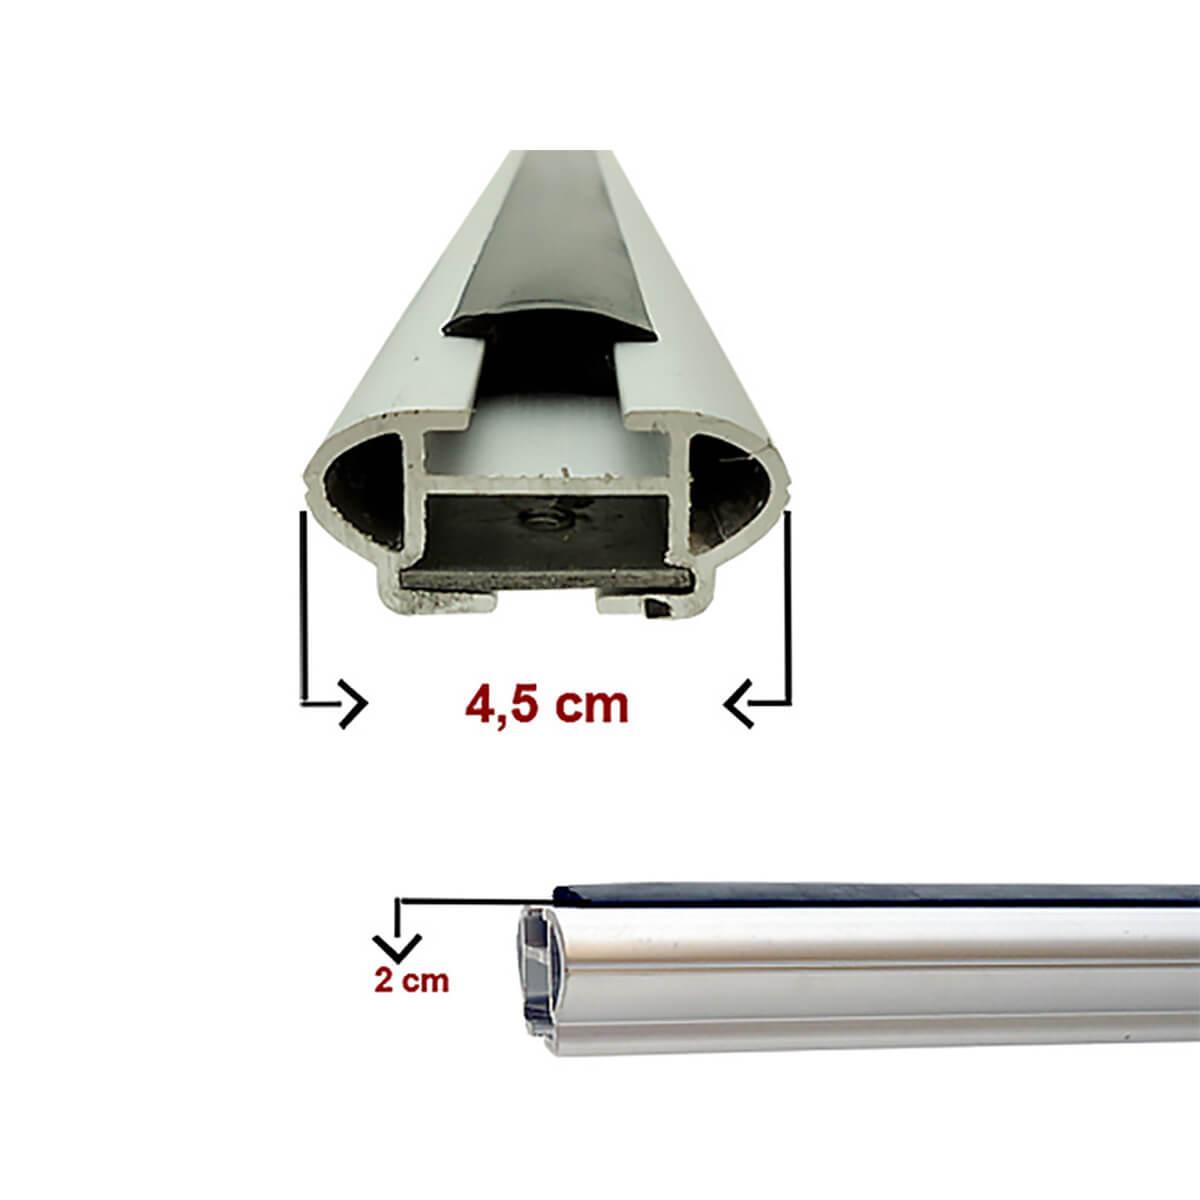 Travessa rack de teto larga alumínio Fiat Toro 2017 a 2021